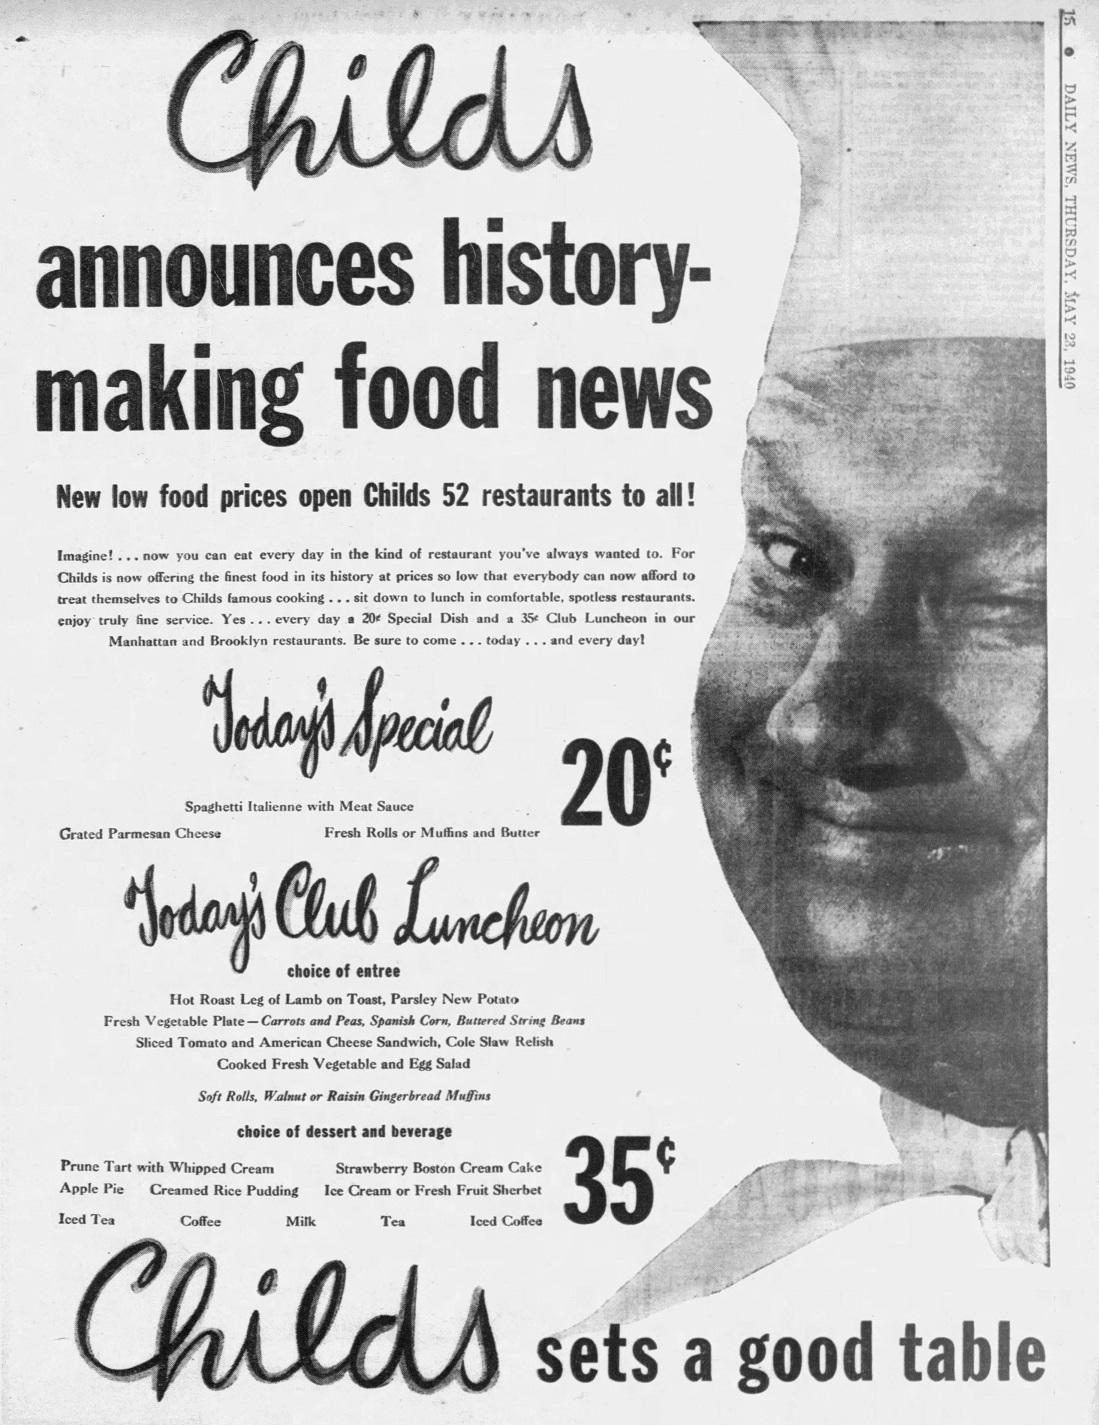 Daily_News_Thu__May_23__1940_(1).jpg